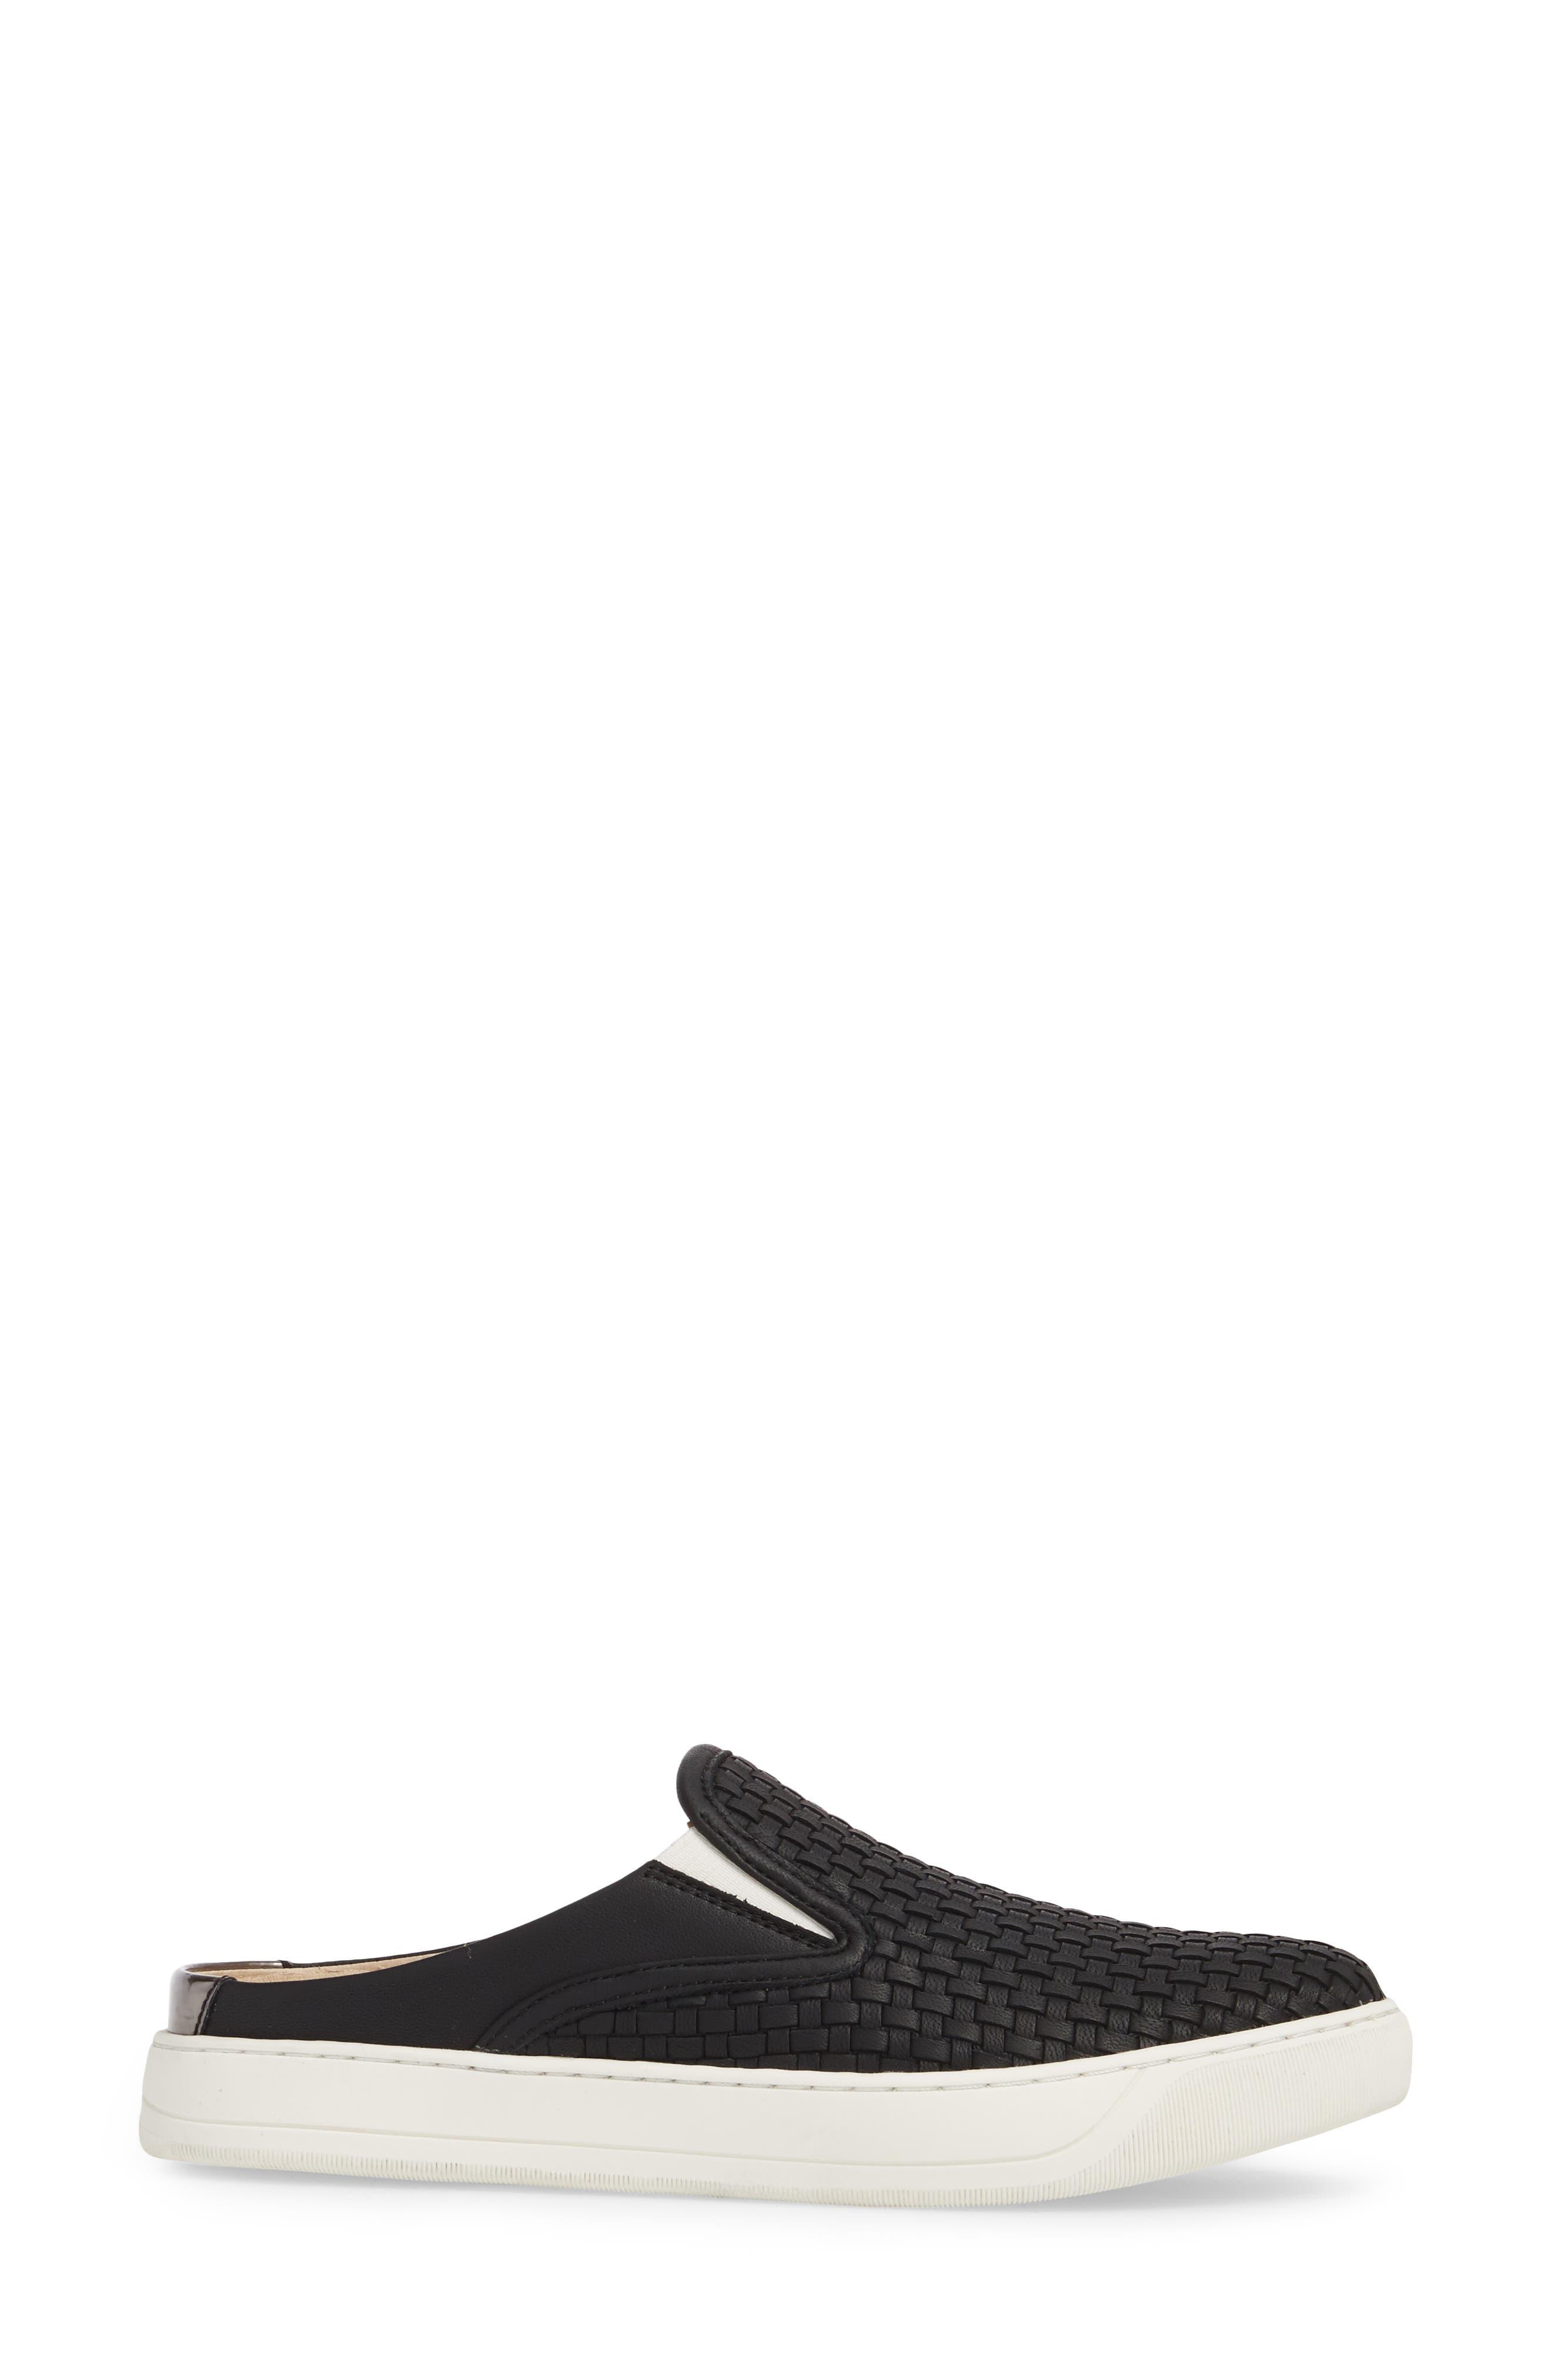 JOHNSTON & MURPHY, Evie Slip-On Sneaker, Alternate thumbnail 3, color, BLACK LEATHER